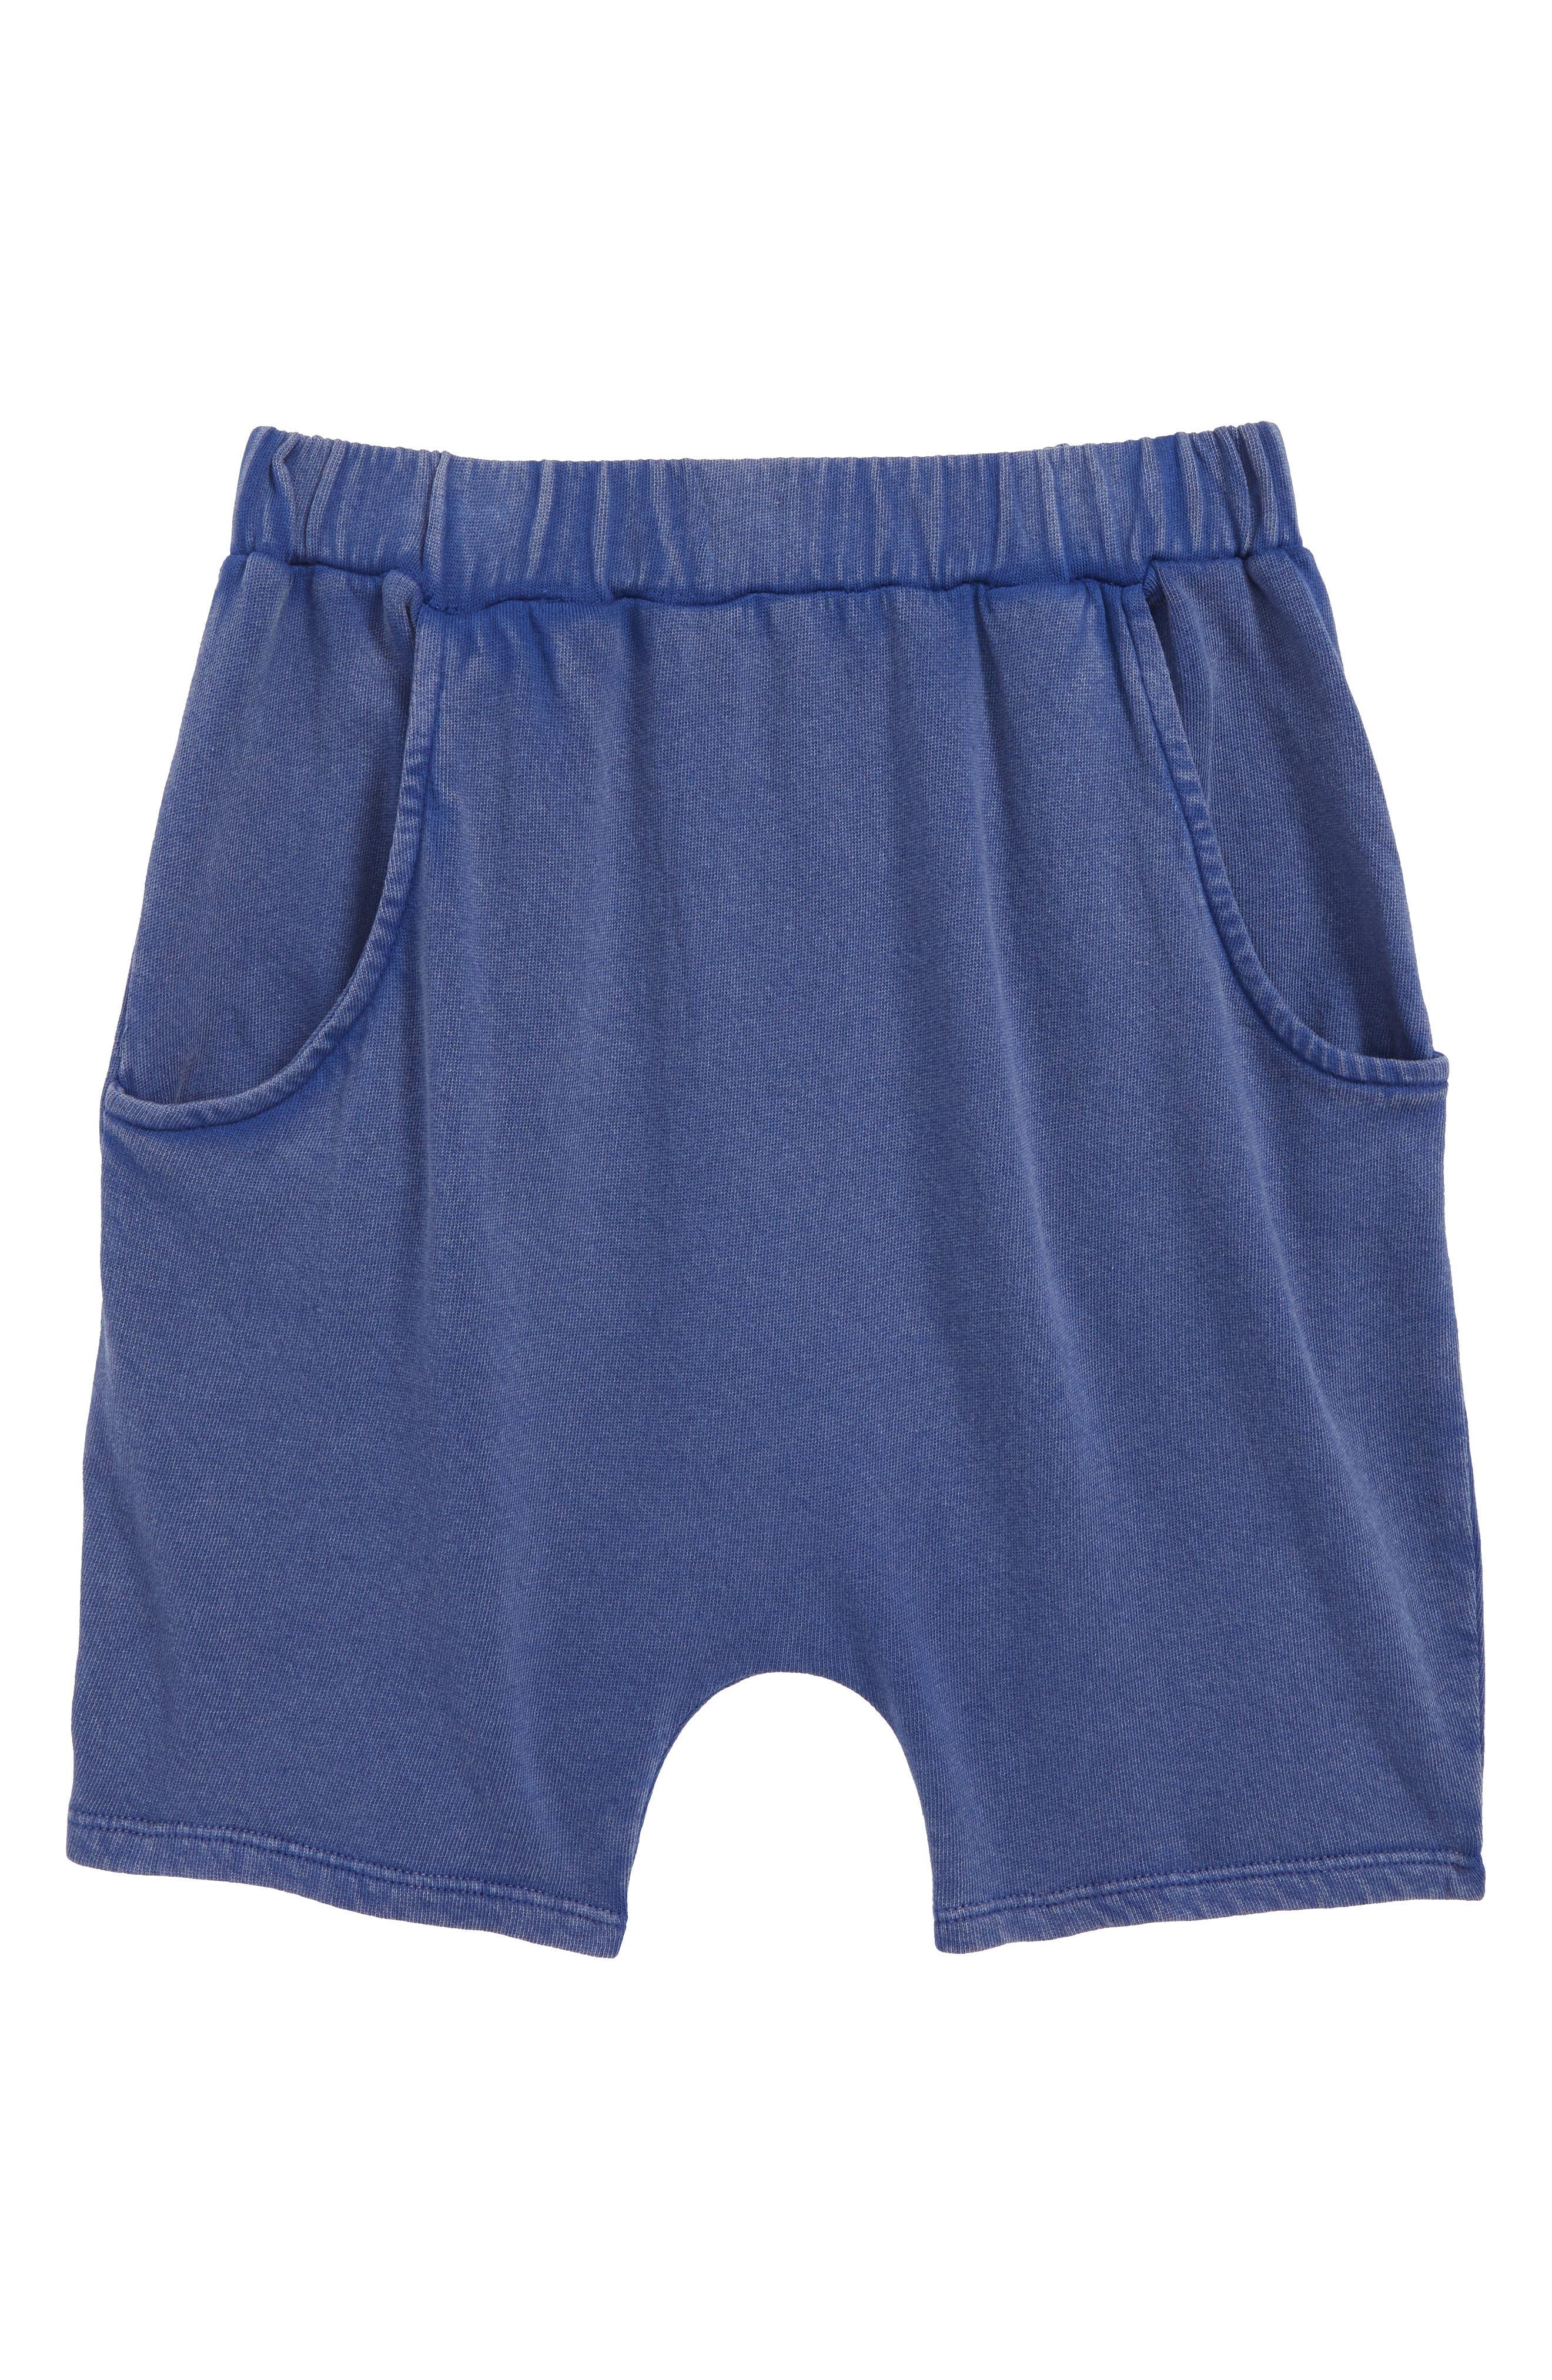 Knit Shorts,                             Main thumbnail 1, color,                             Blue Sodalite Wash